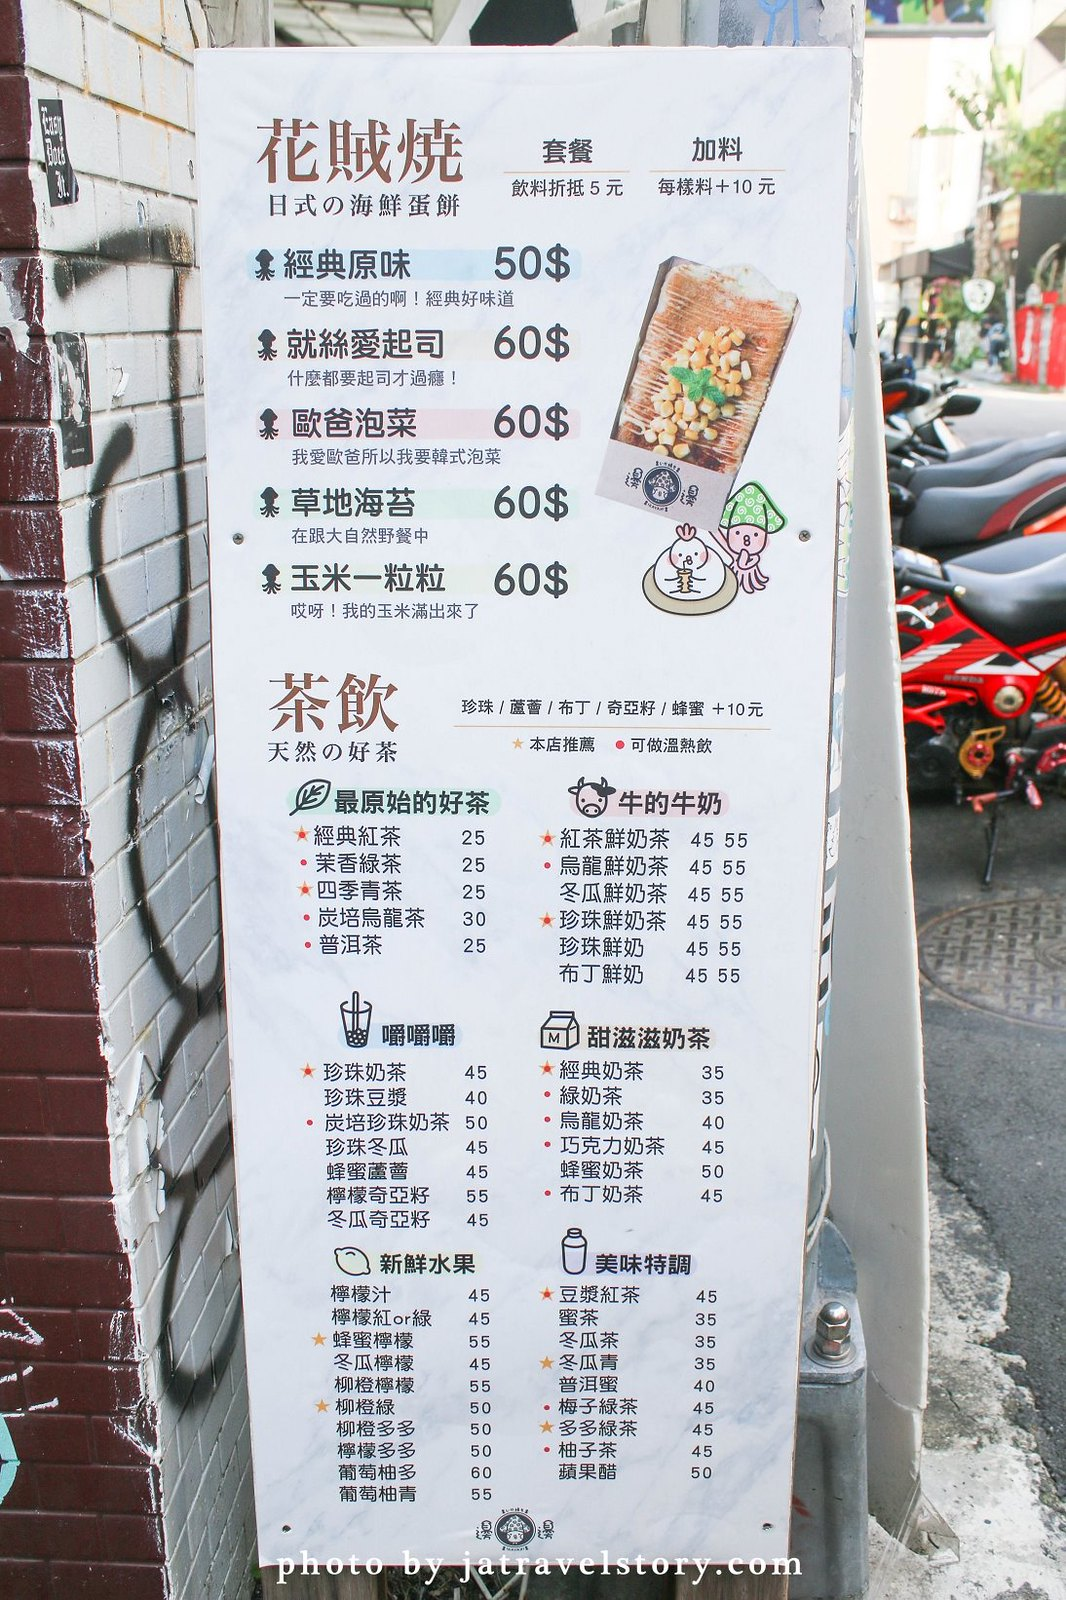 邊邊 ikayaki花賊燒 50元就能吃的到Q彈海鮮蛋餅,酸甜日式風味很爽口【捷運忠孝敦化】東區美食/東區小吃 @J&A的旅行